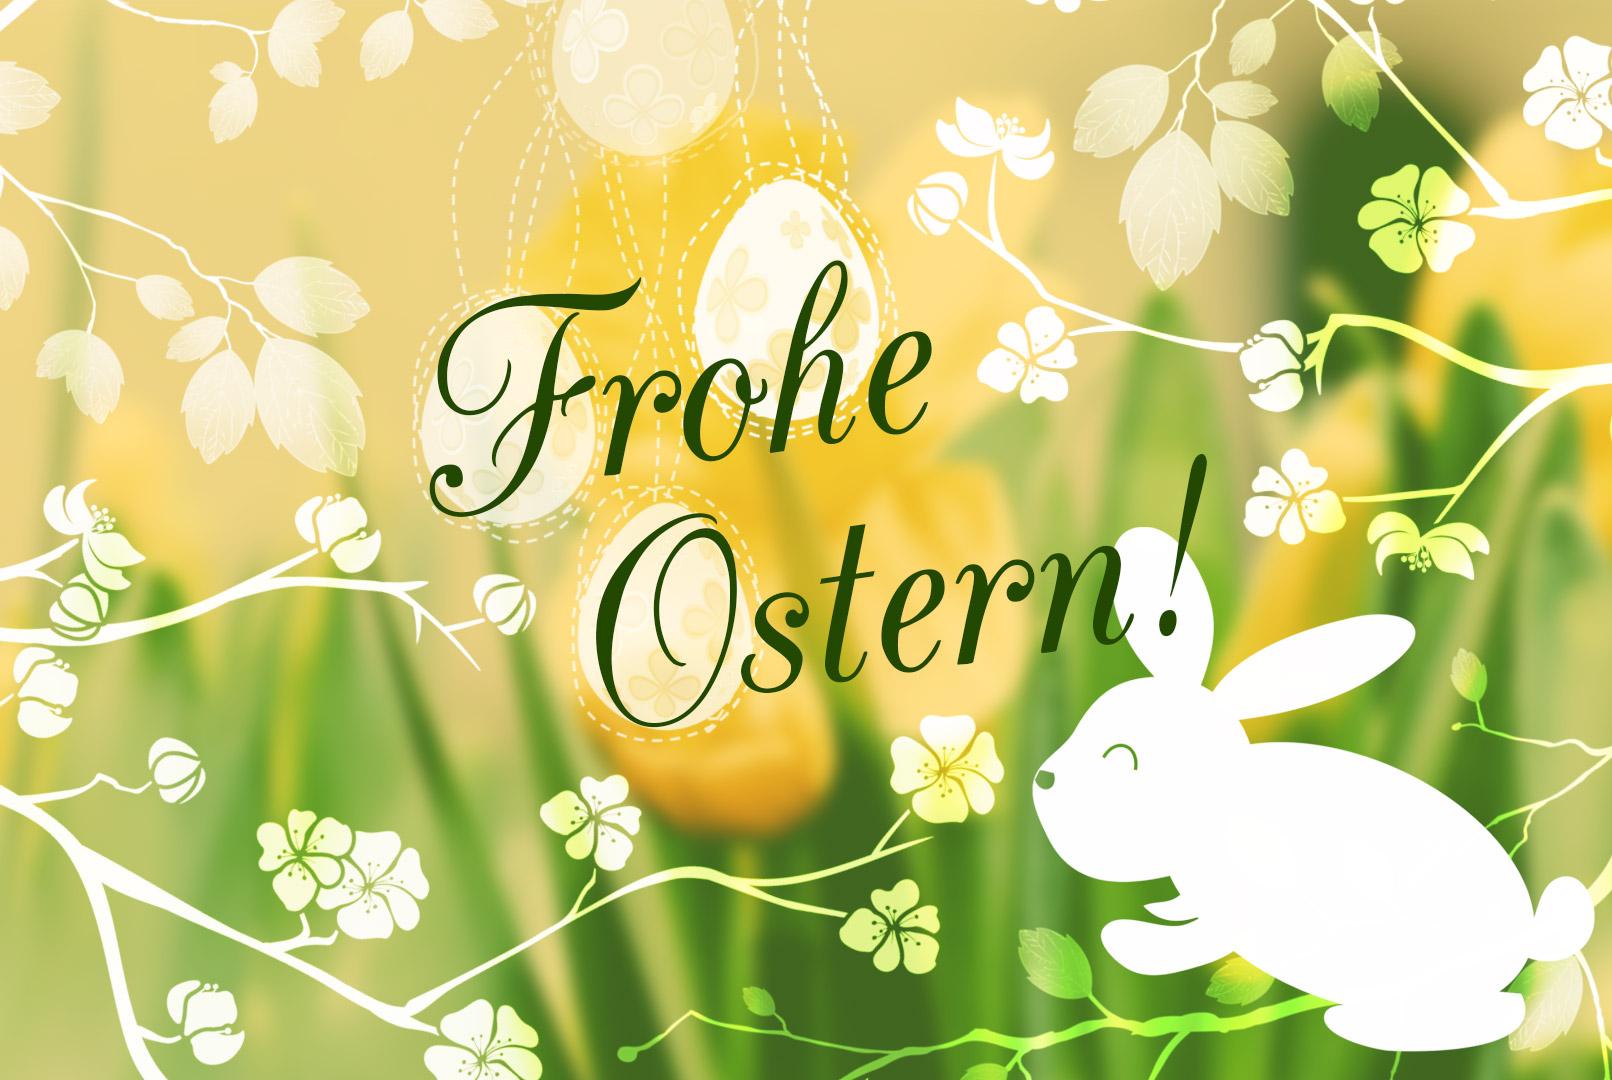 Beispiel zur Anwendung der Oster-Pinsel mit Osterhase und Zweigen auf deinen Designs, Layouts und Ostergrüßen.